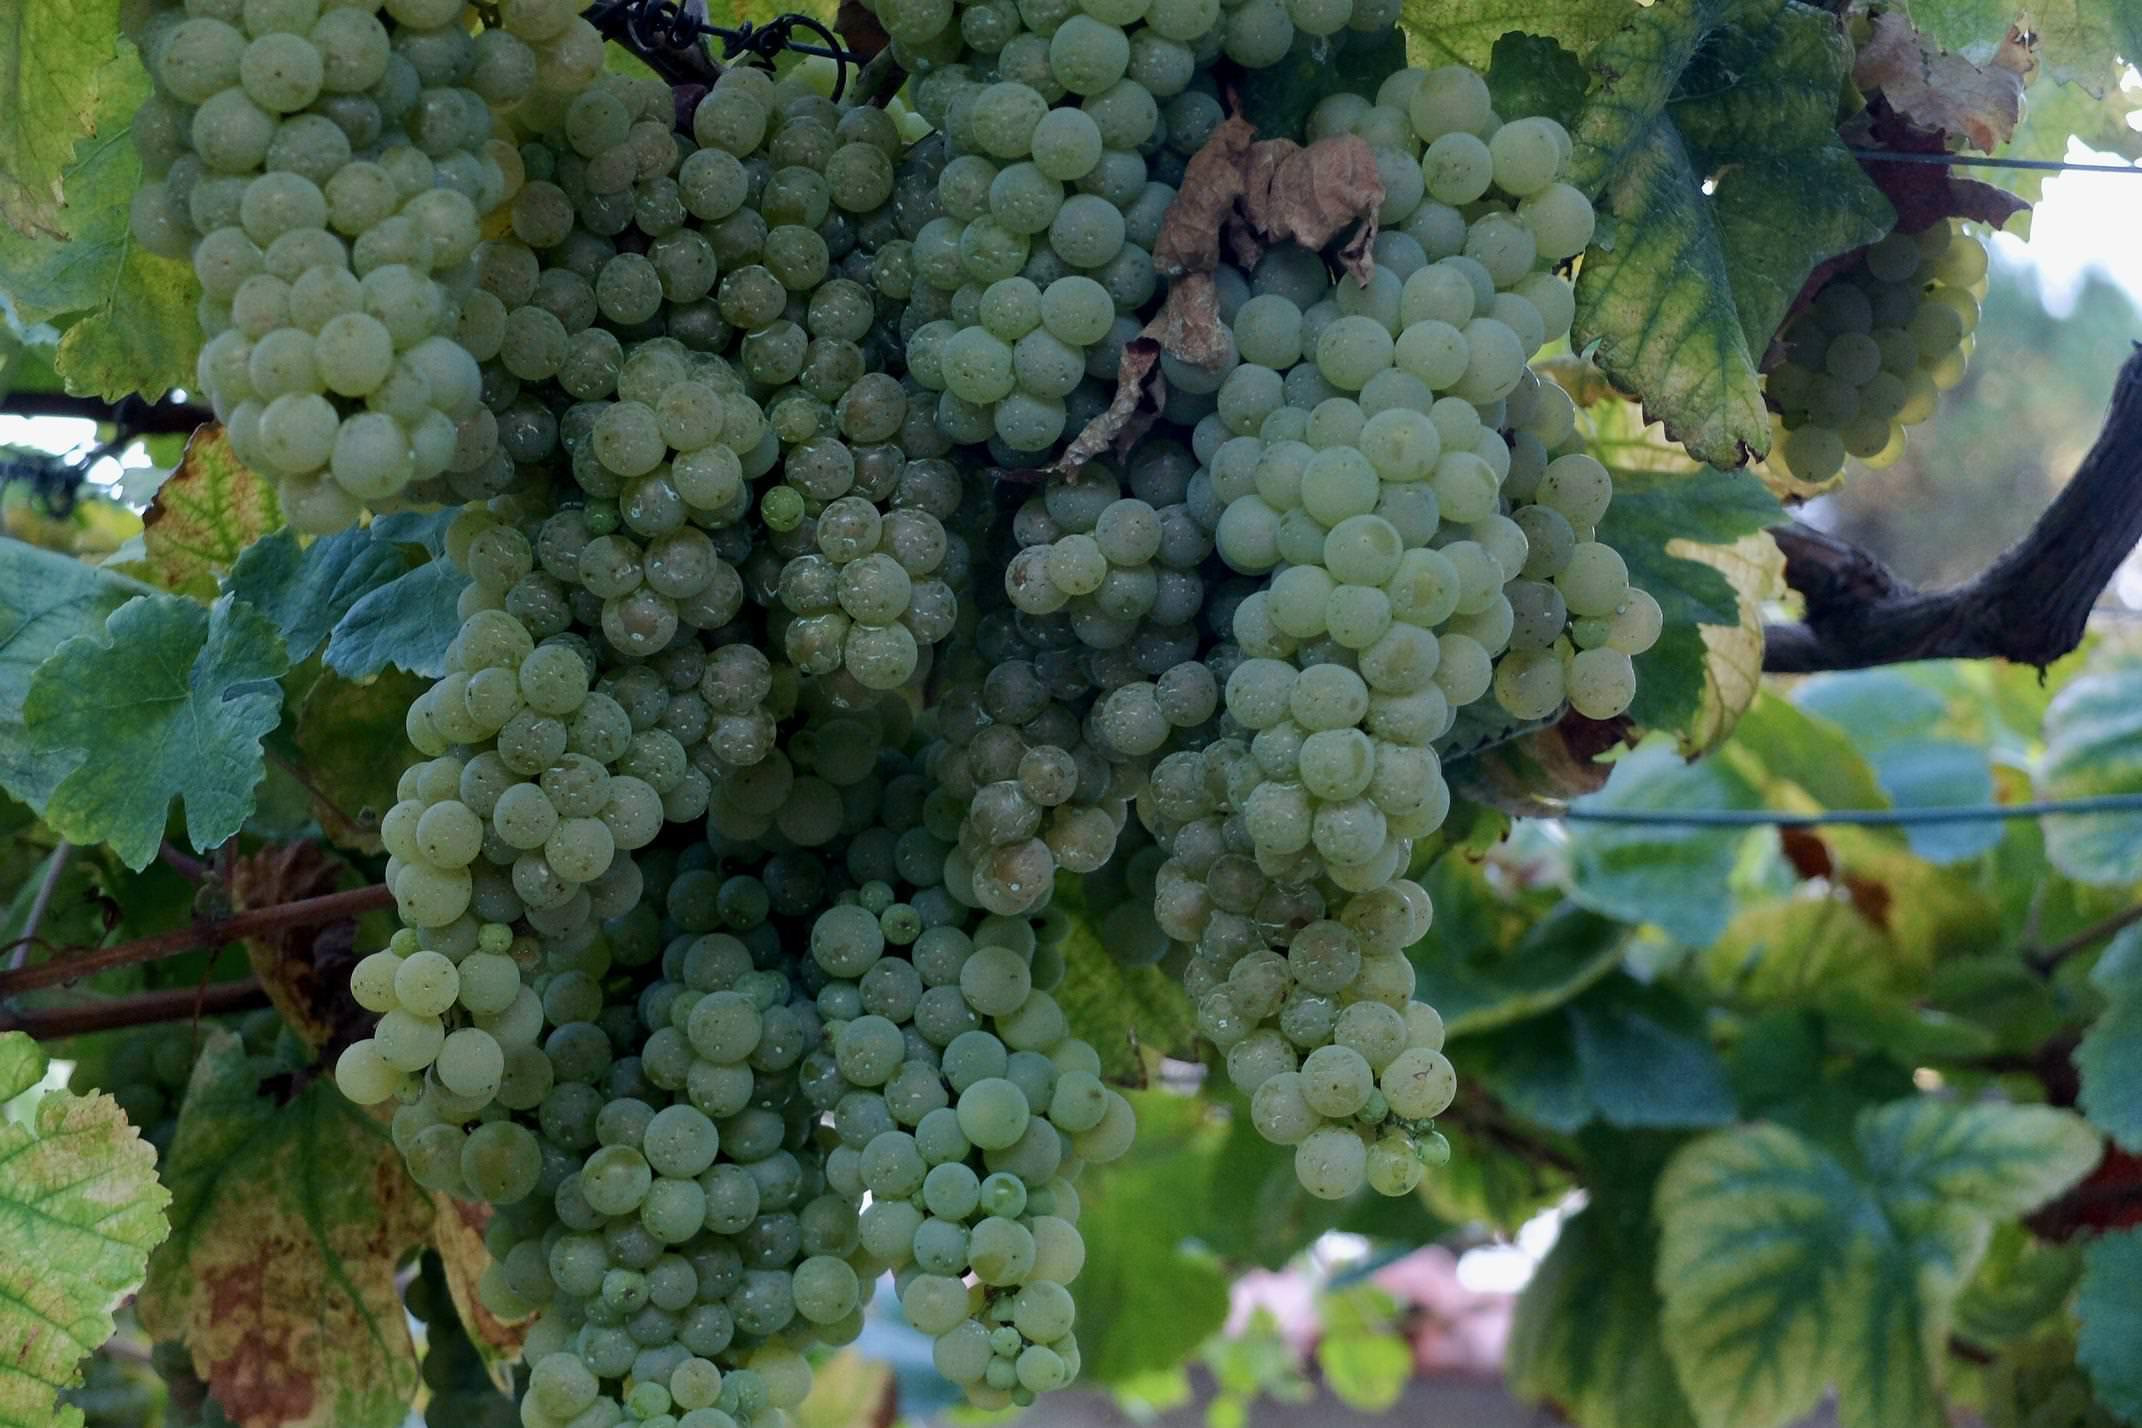 Portugal Minho Quinta do Ameal grapes